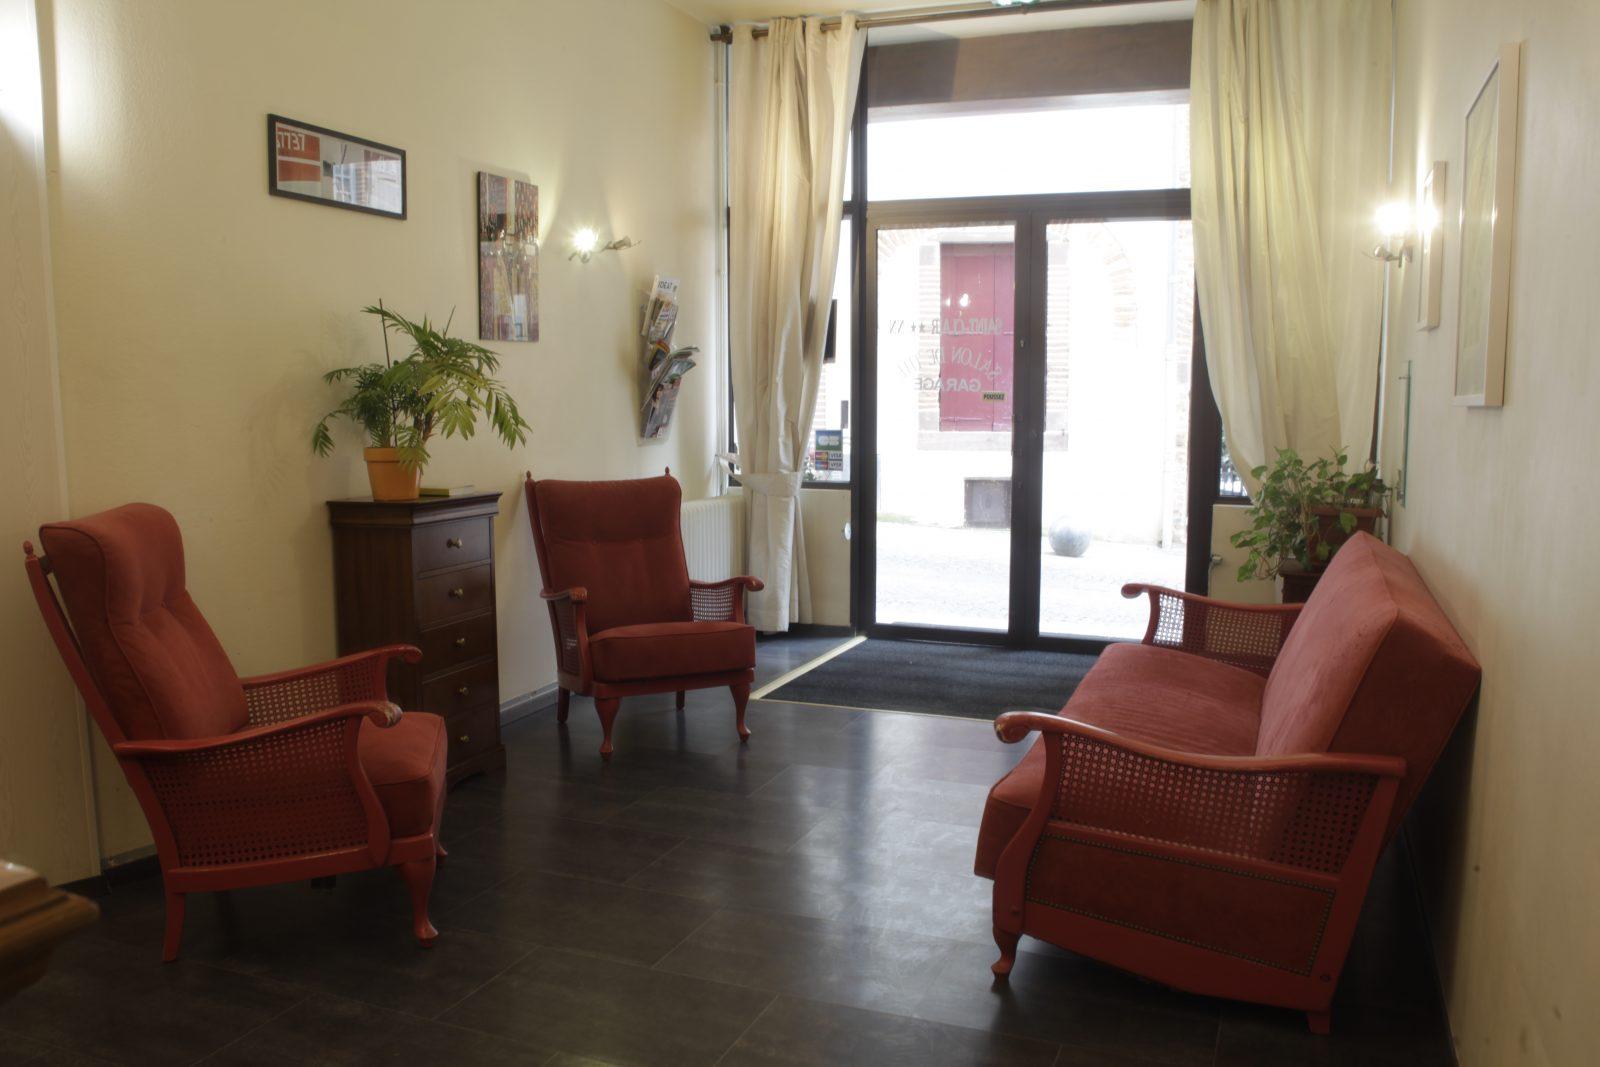 hotel saint clair salon